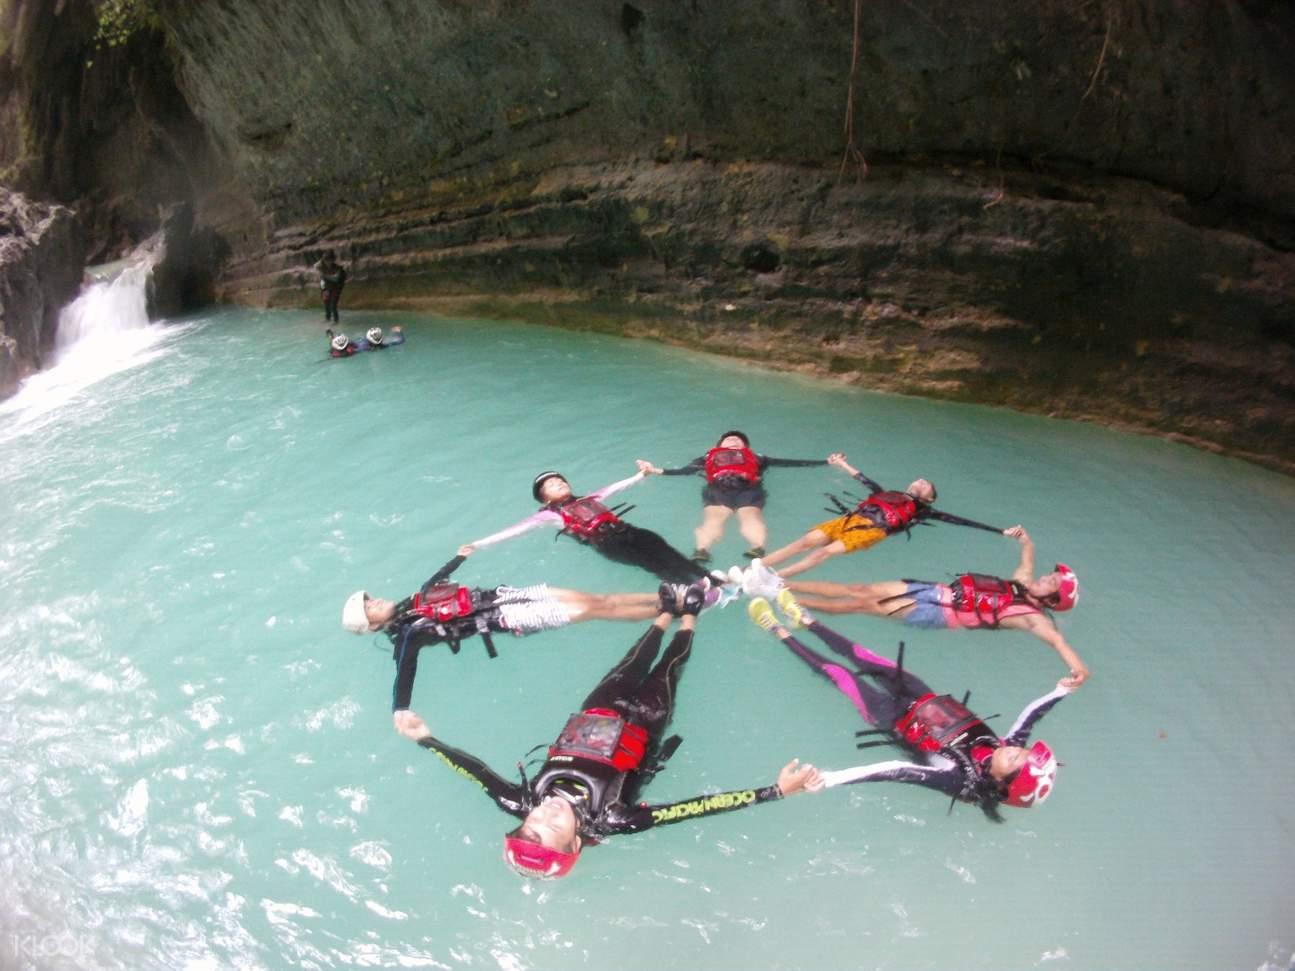 Group Photo at Badian Canyoneering Adventure and Kawasan Waterfalls Join In Tour from Cebu